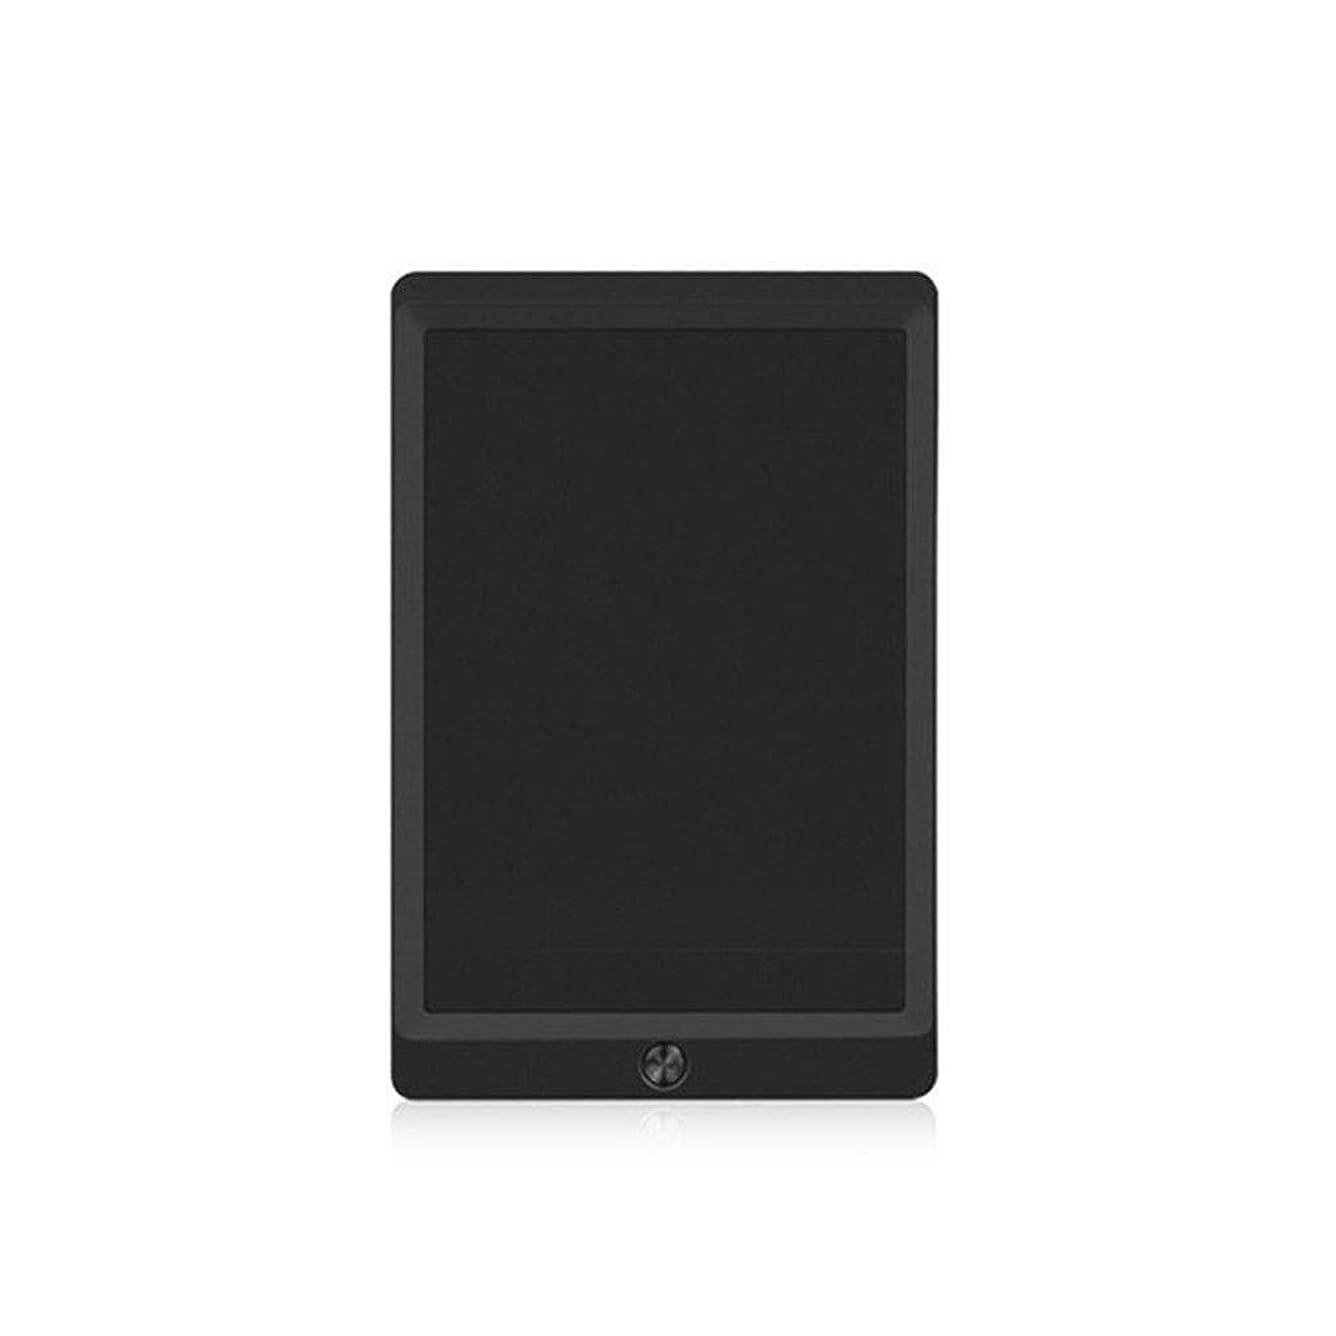 代表して噴水緯度タブレット - ポータブル落書きパッド、LCD手書きボード、黒板、部分消去手書きペーパーレスメモ帳、在宅勤務の学校のオフィス、10インチ、ギフト (Color : Black)